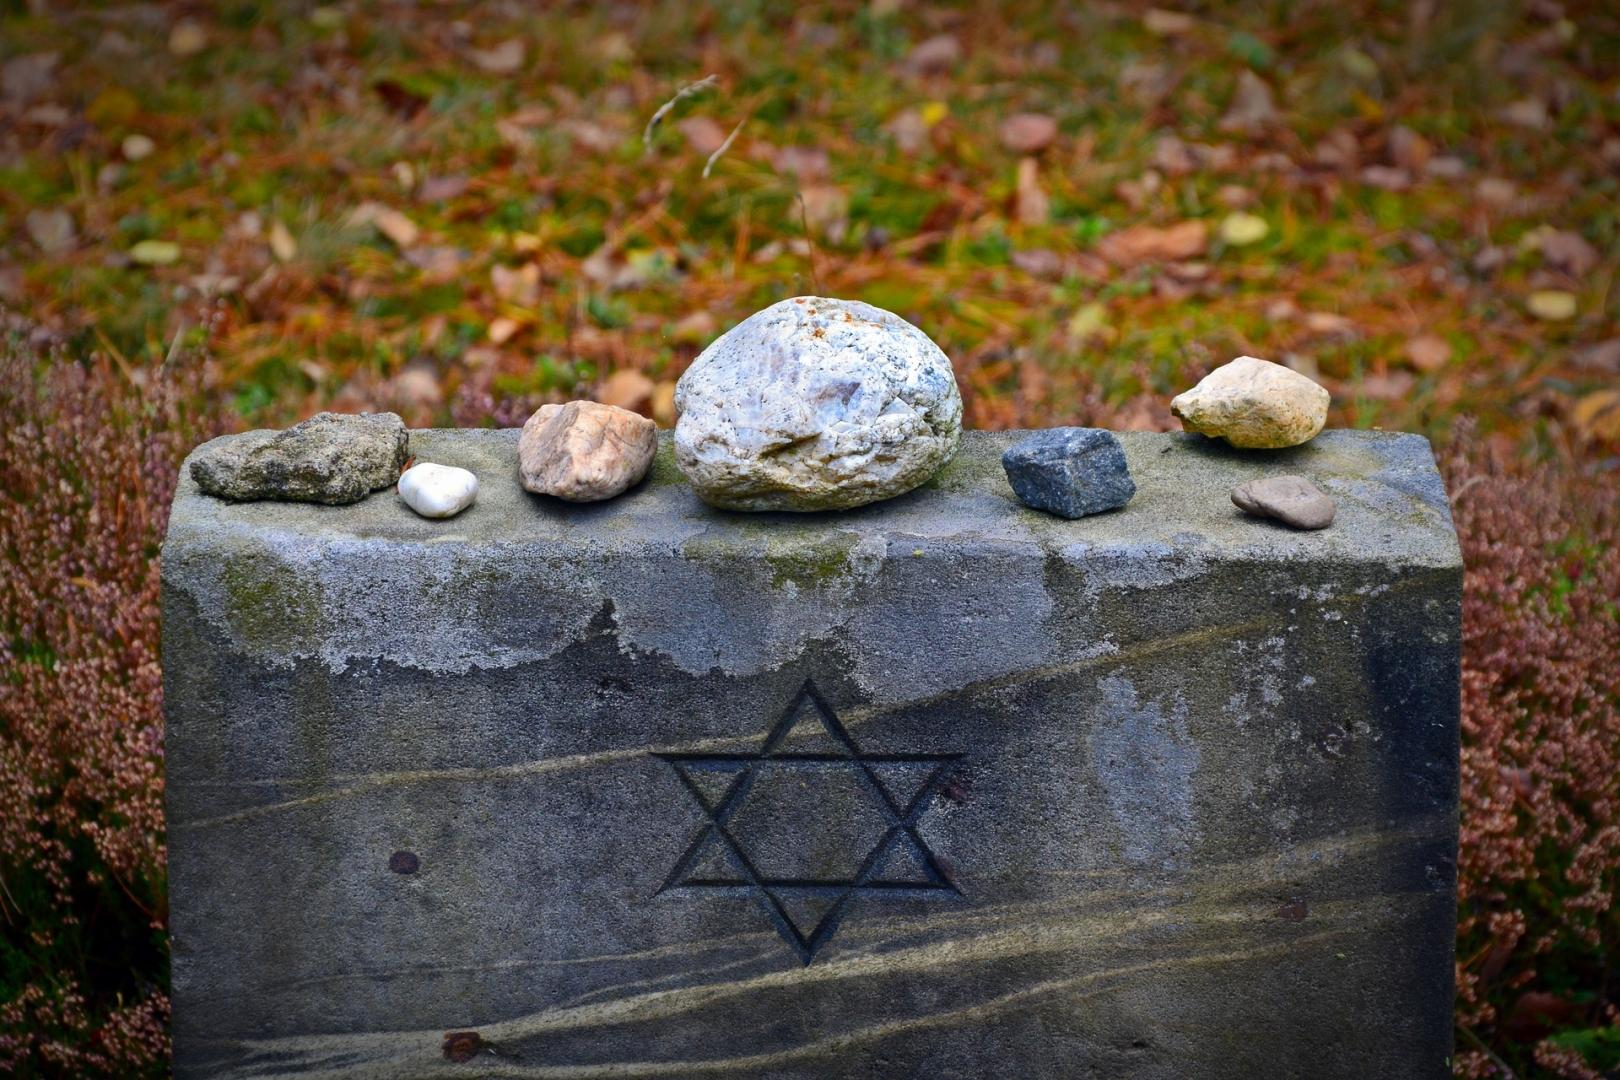 Памятный мемориал на территории бывшего нацистского концентрационного лагеря Берген-Бельзен